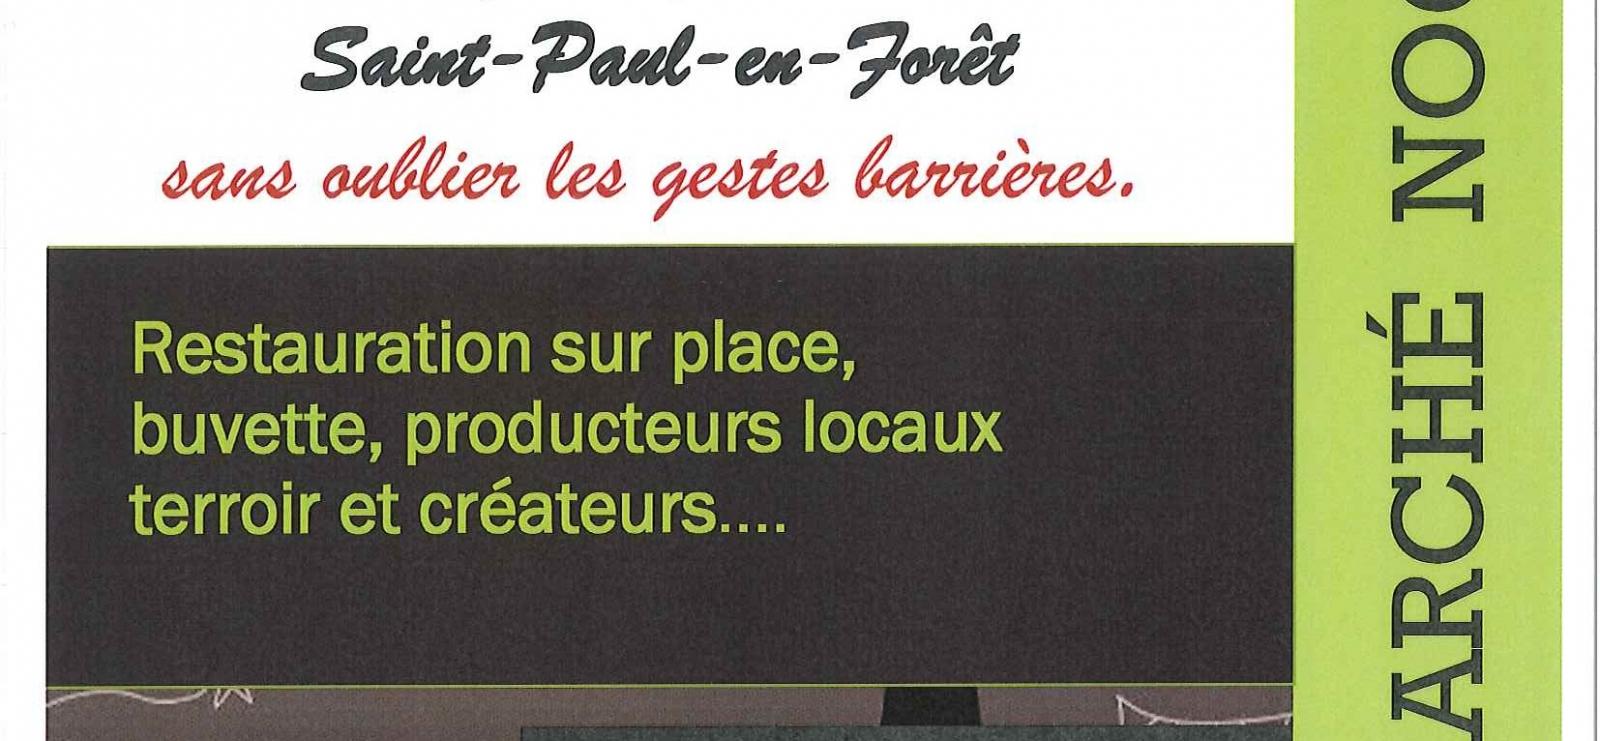 Affiche Marché Nocturne St paul en forêt